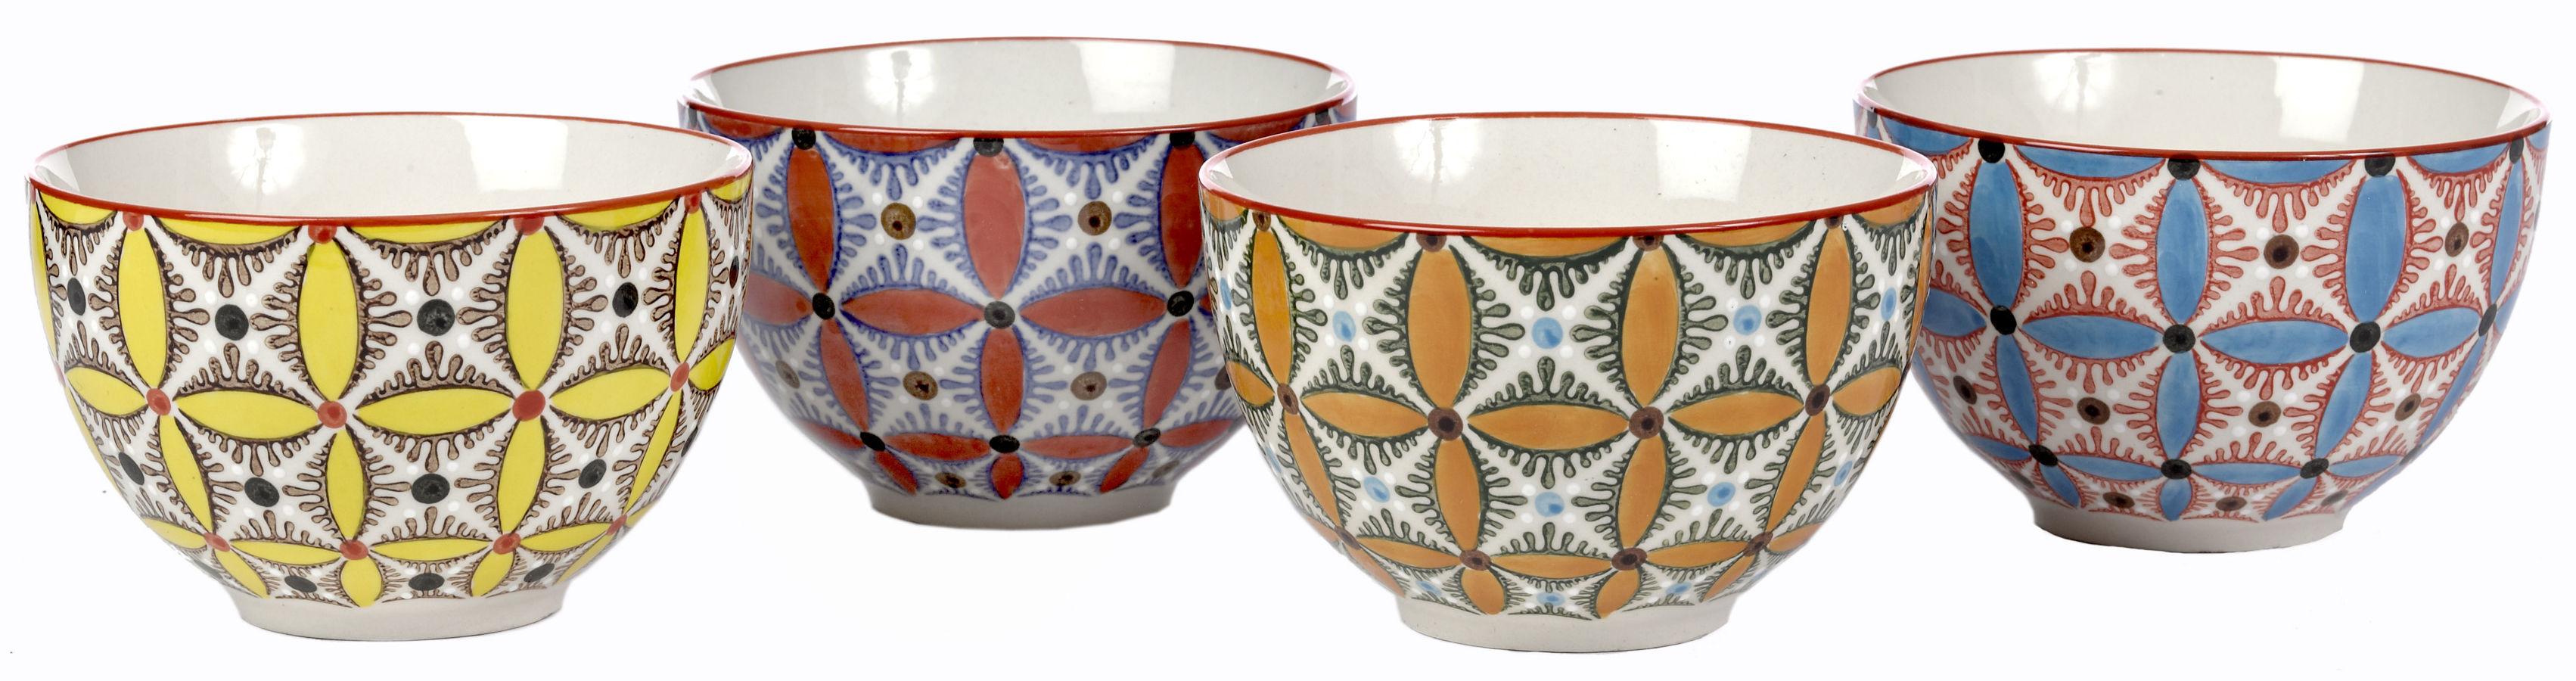 Tableware - Bowls - Hippy Bowl - Set of 4 by Pols Potten - Multicolored - Céramique vitrifiée